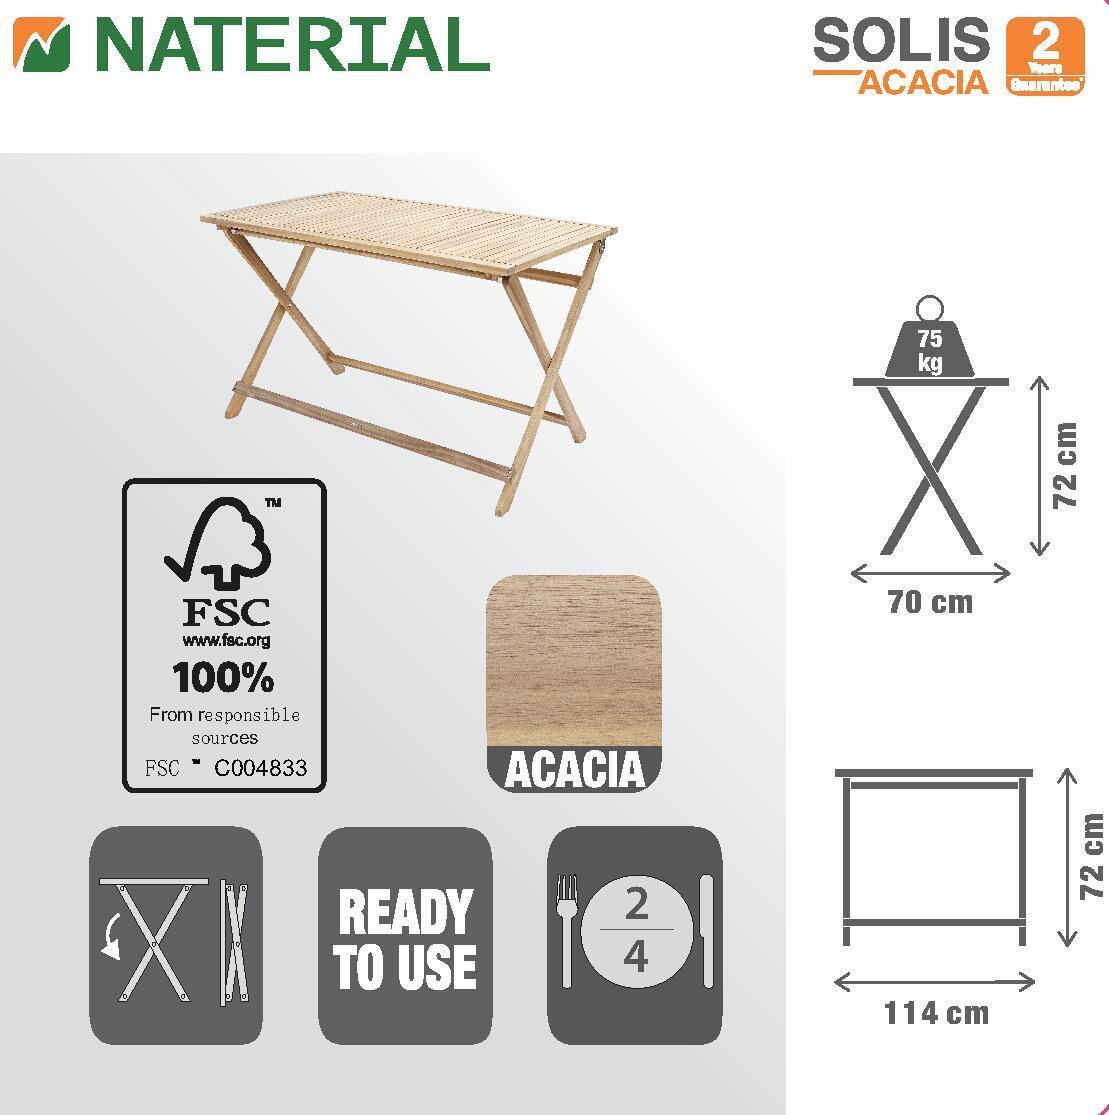 Tavolo da giardino rettangolare Solis NATERIAL con piano in legno L 70 x P 114 cm - 7